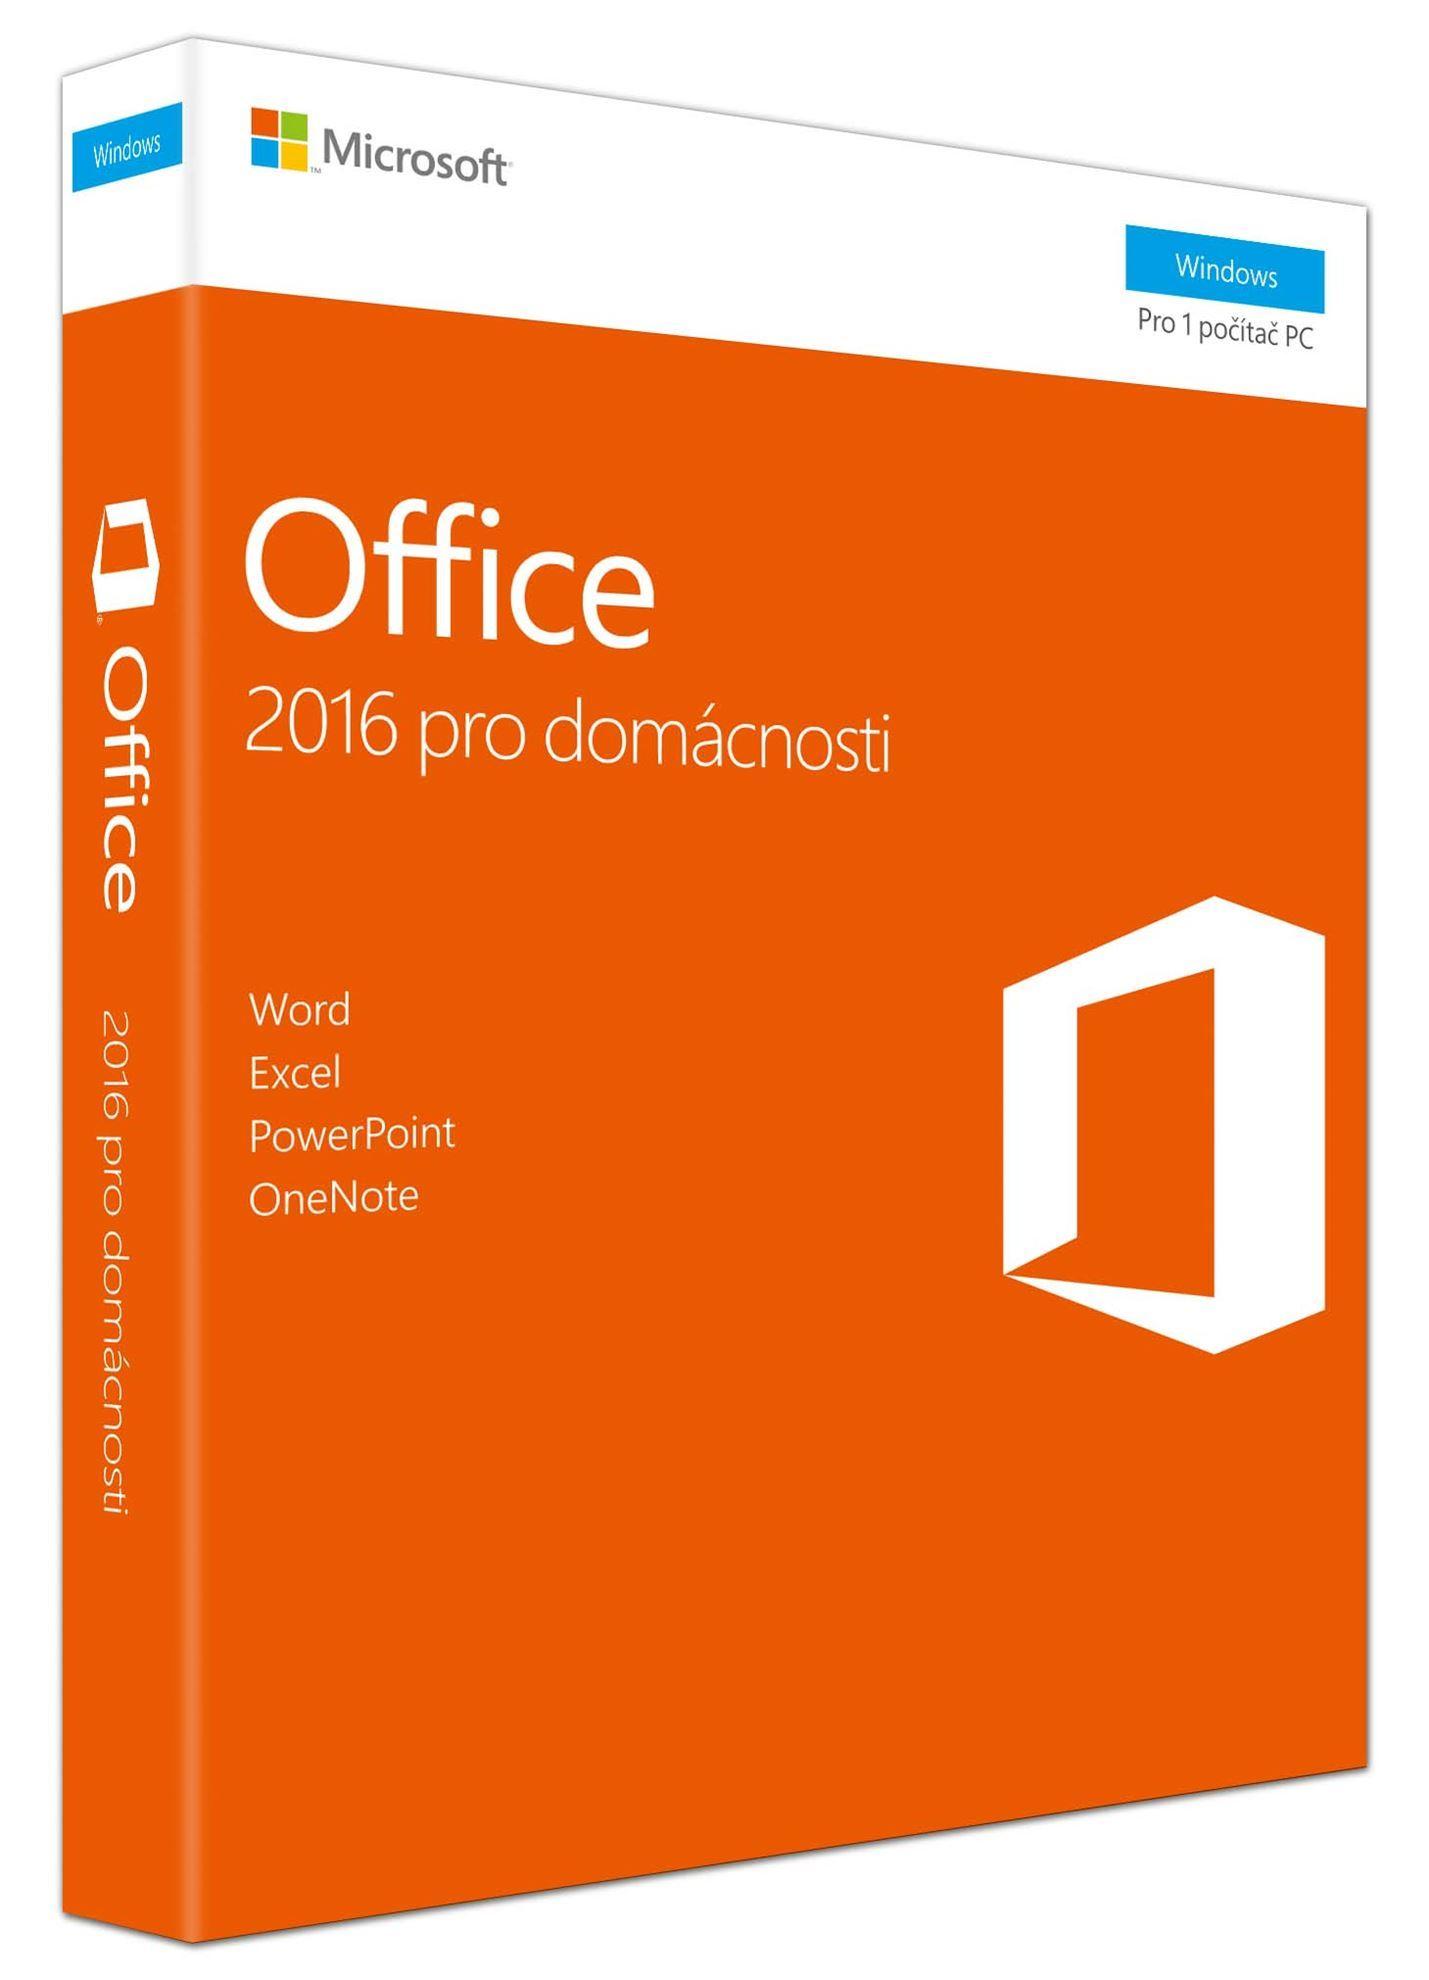 Microsoft Office 2016 pro studenty a domácnosti Win CZ, 79G-04723